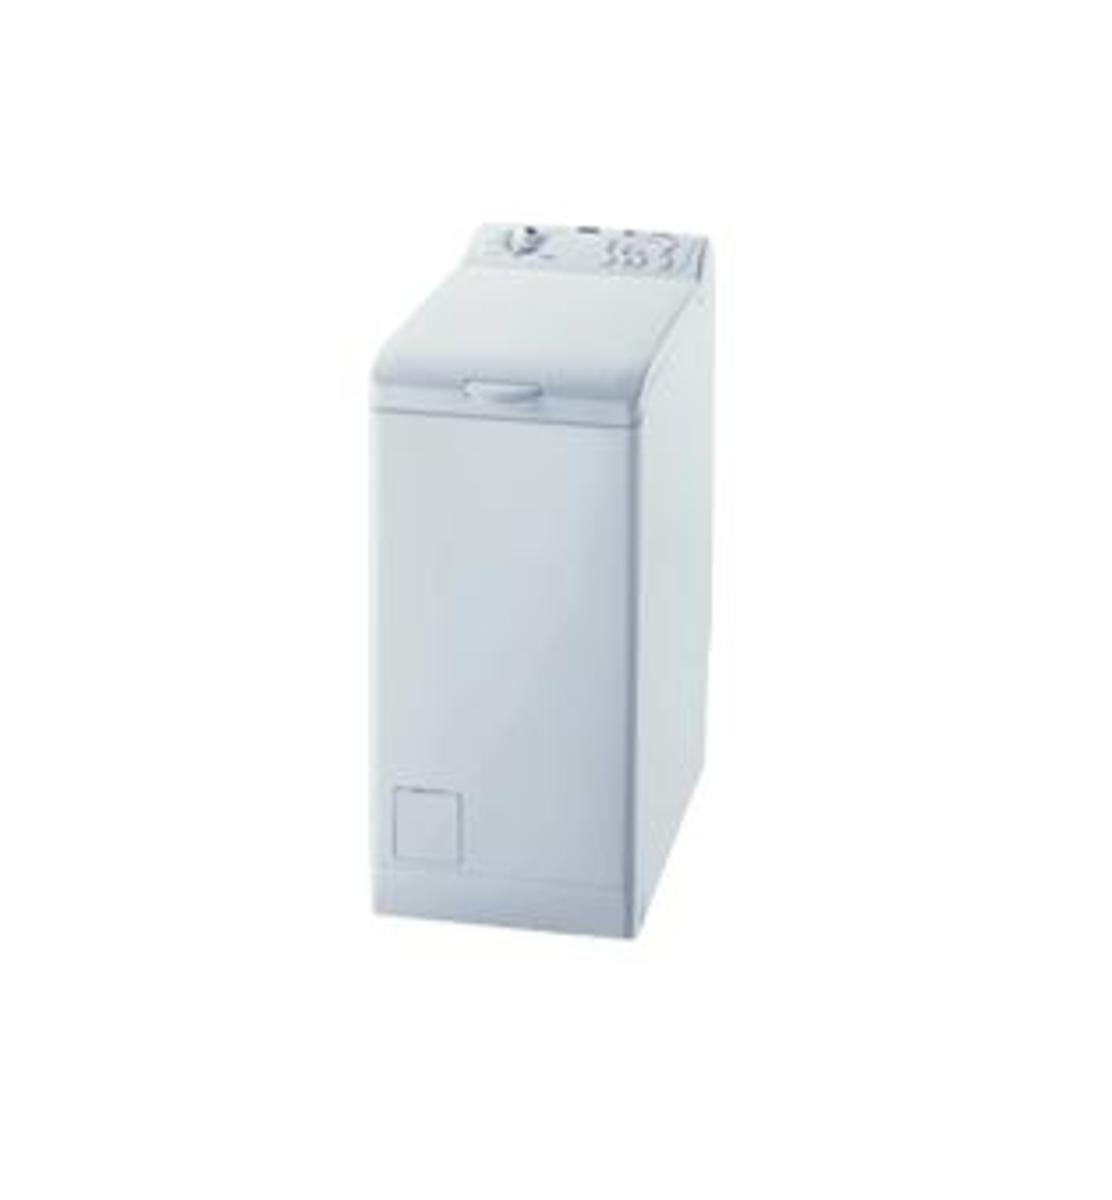 頂揭式洗衣機 (6公斤/900轉) ZWQ590SO